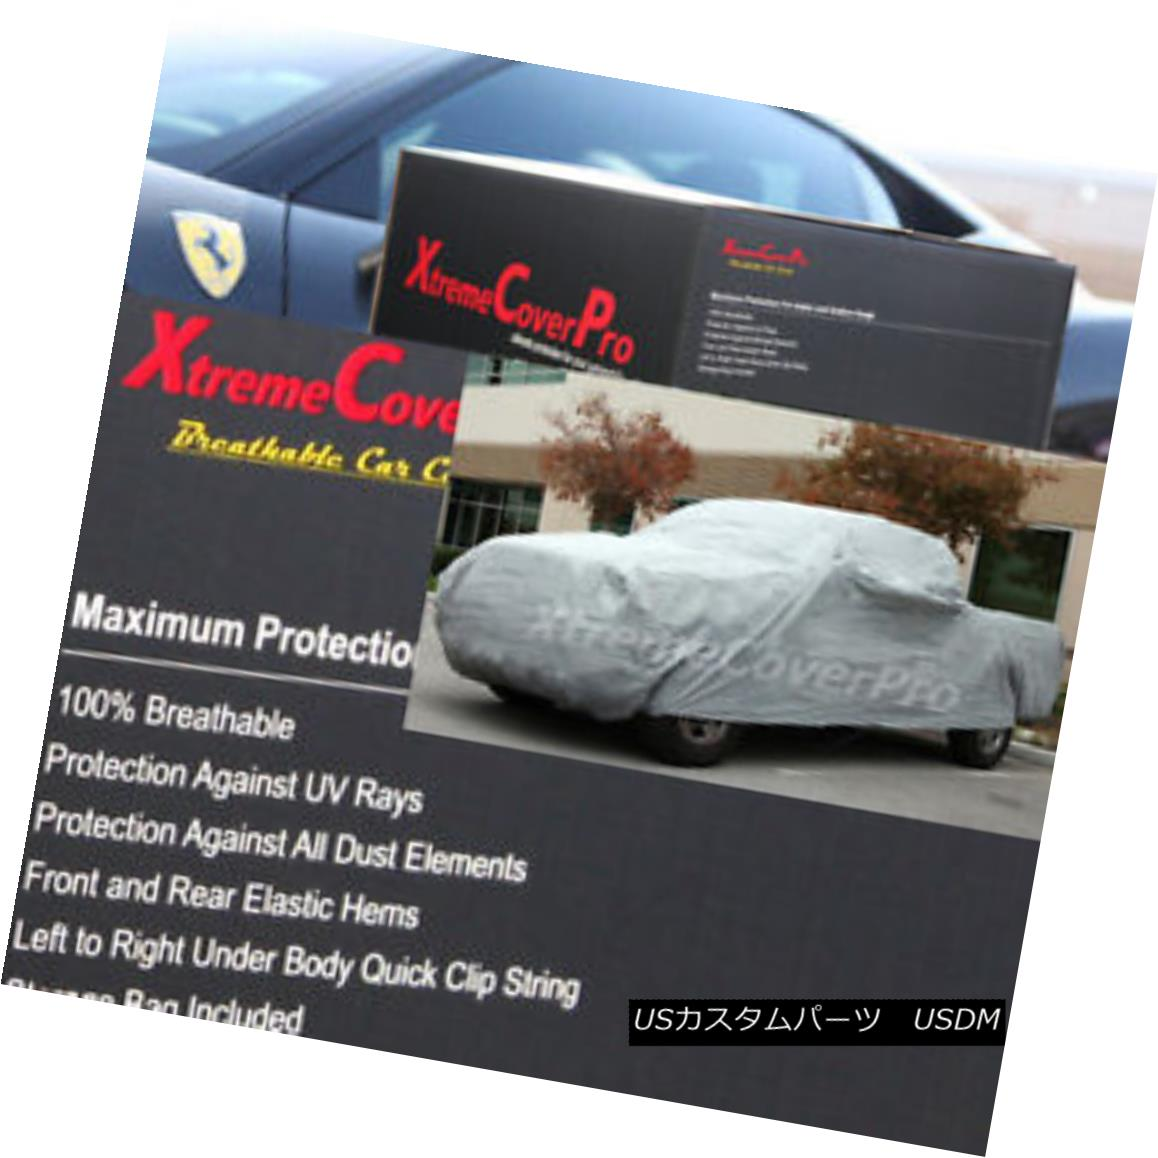 カーカバー 2013 Ford F350 Super Cab 6.75ft bed Breathable Car Cover 2013フォードF350スーパーキャブ6.75フィートベッド通気性の車のカバー